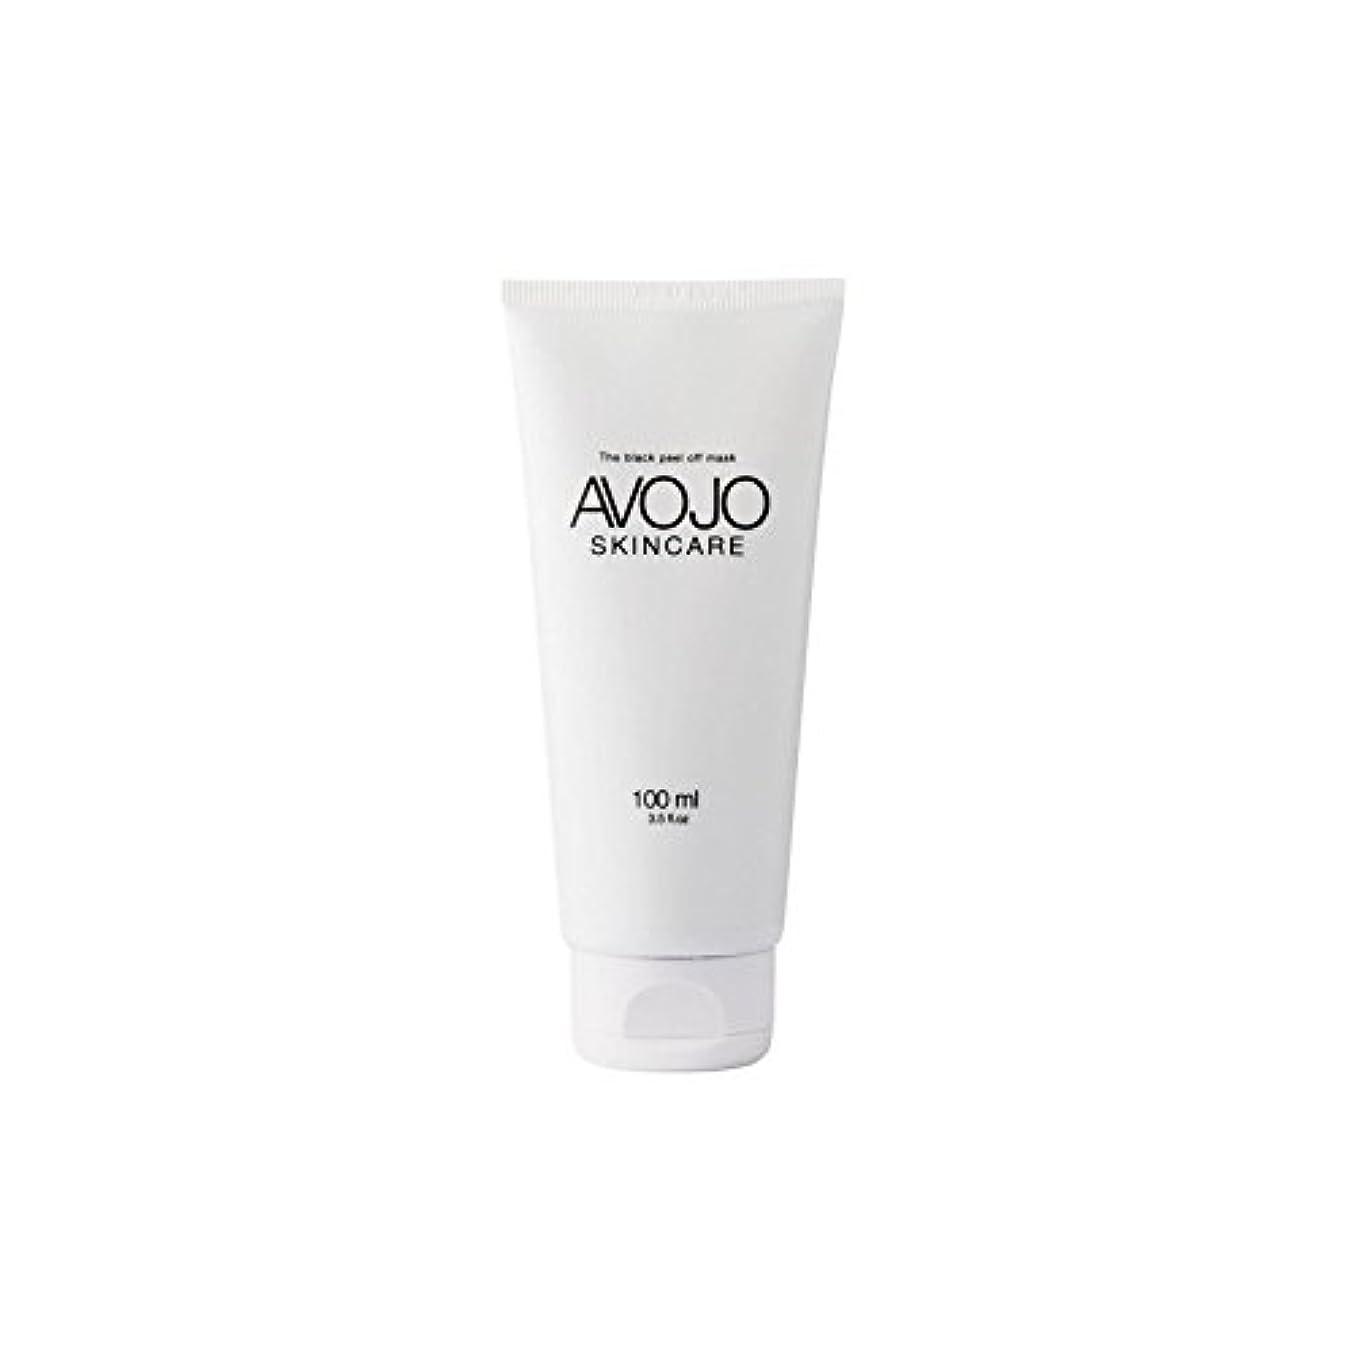 入学する時期尚早接辞Avojo - The Black Peel Off Mask - (Bottle 100ml) (Pack of 6) - - 黒皮オフマスク - (ボトル100ミリリットル) x6 [並行輸入品]